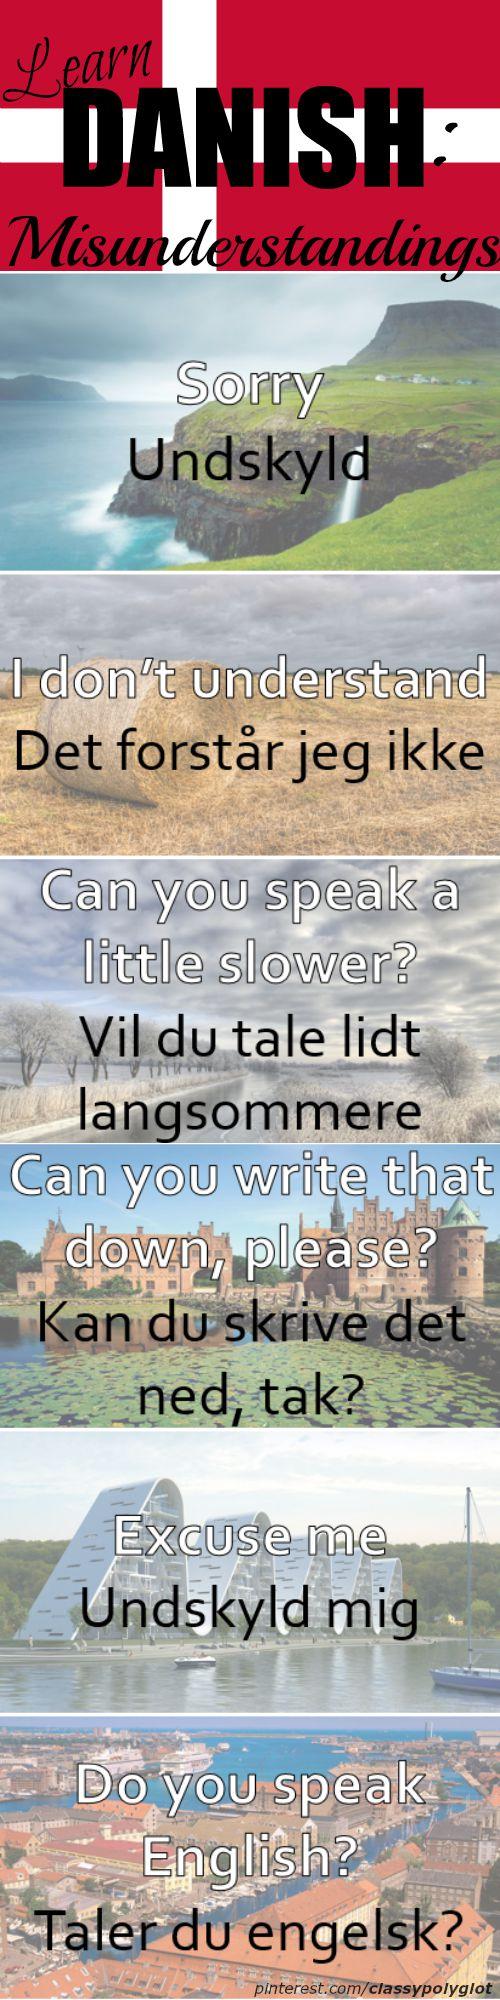 Misunderstandings Dansk Danish Language Danemark Danisch Kopenhagen